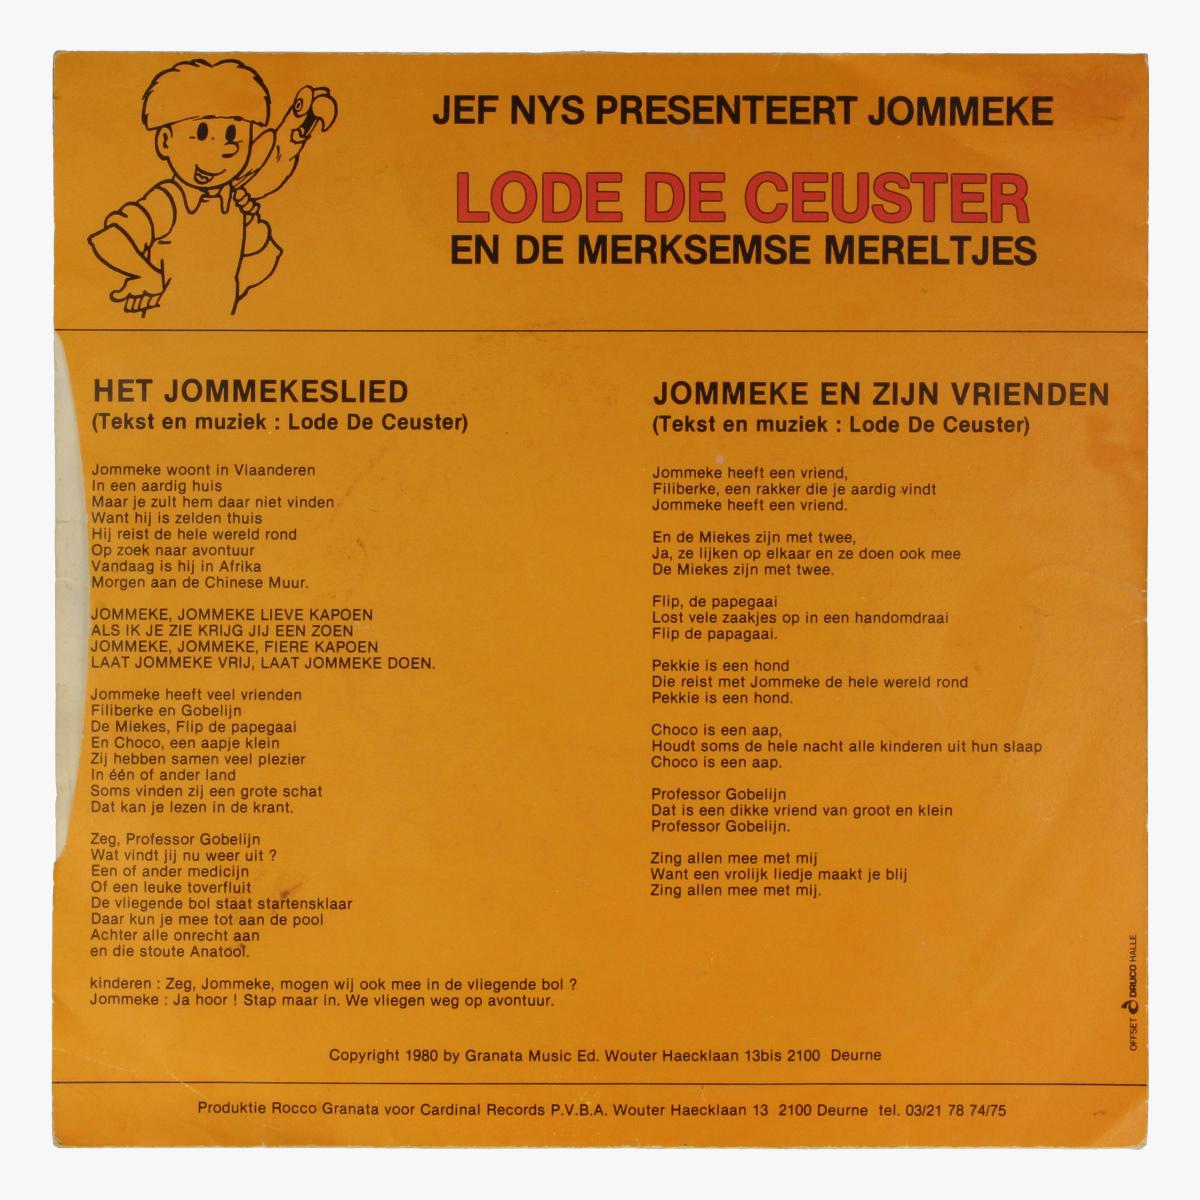 Afbeeldingen van Klein LP Zingen met Jommeke.